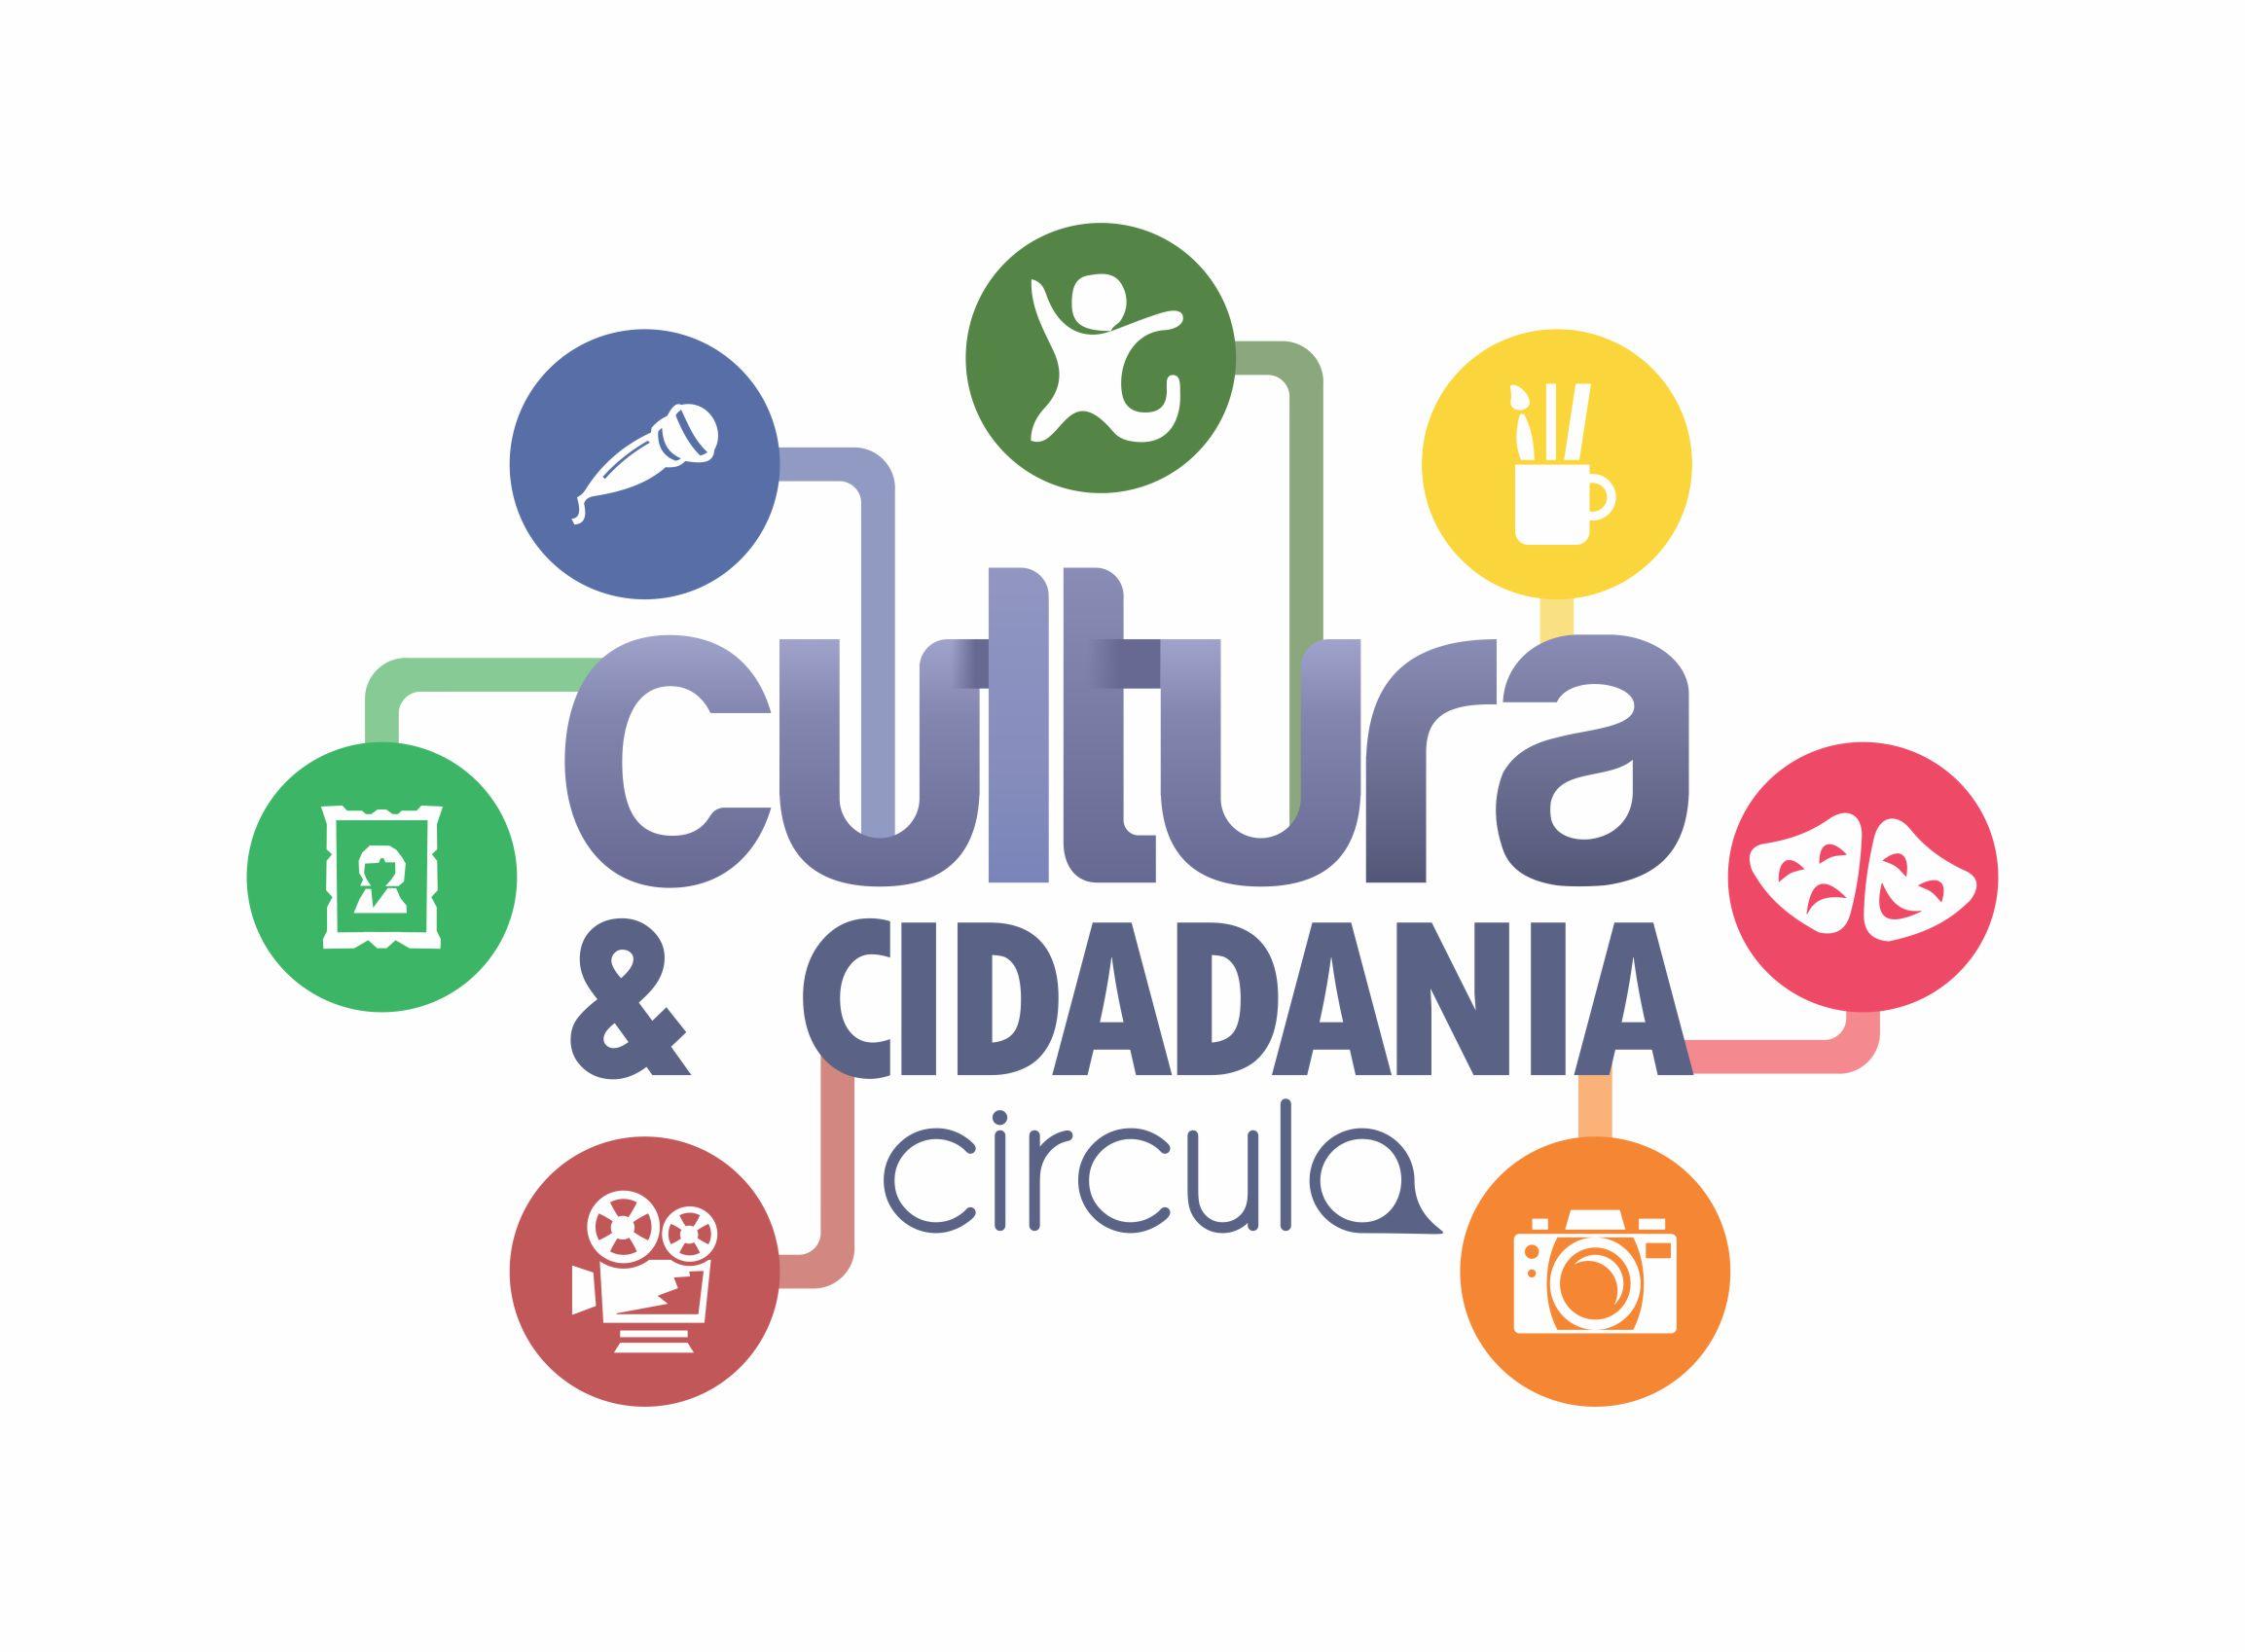 Projeto Cultura e Cidadania Circula amplia suas ações nas Vertentes